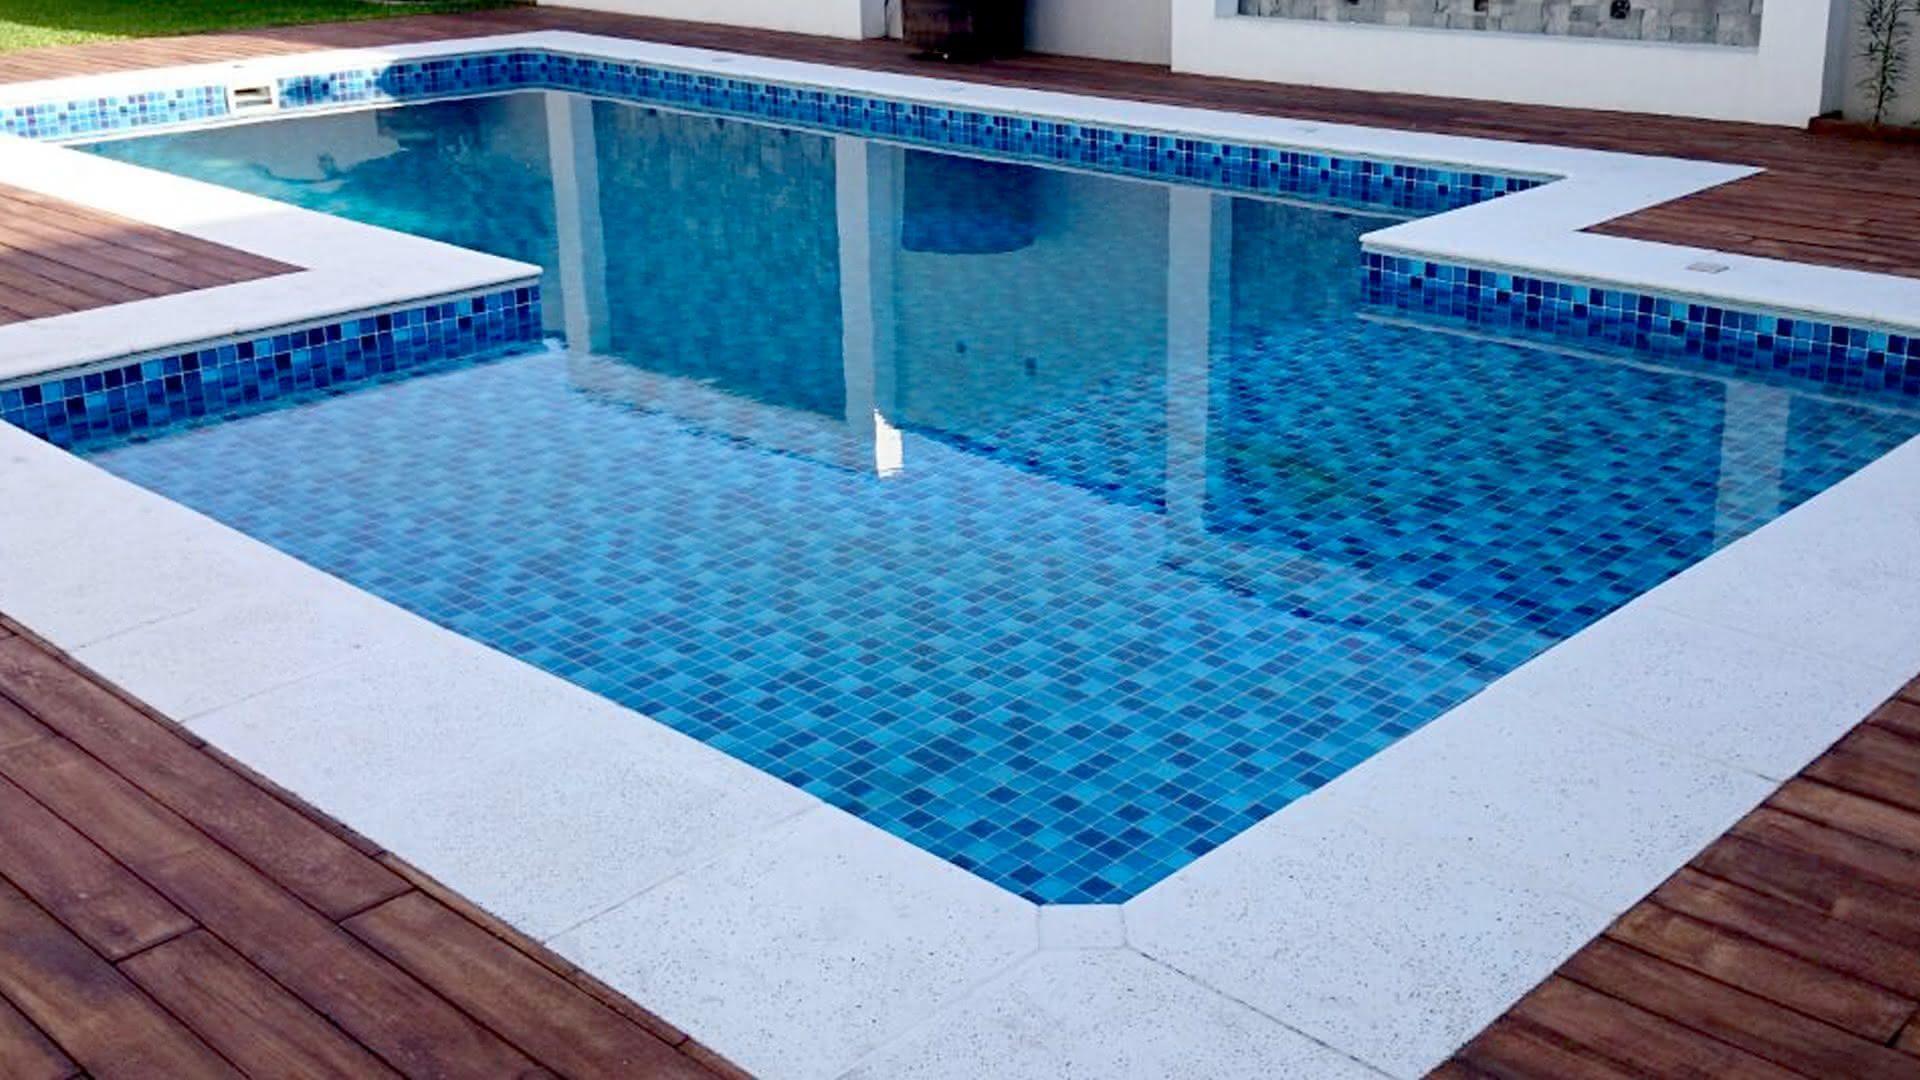 Piso azul para piscina piso para piscina - Azulejos para piscina ...